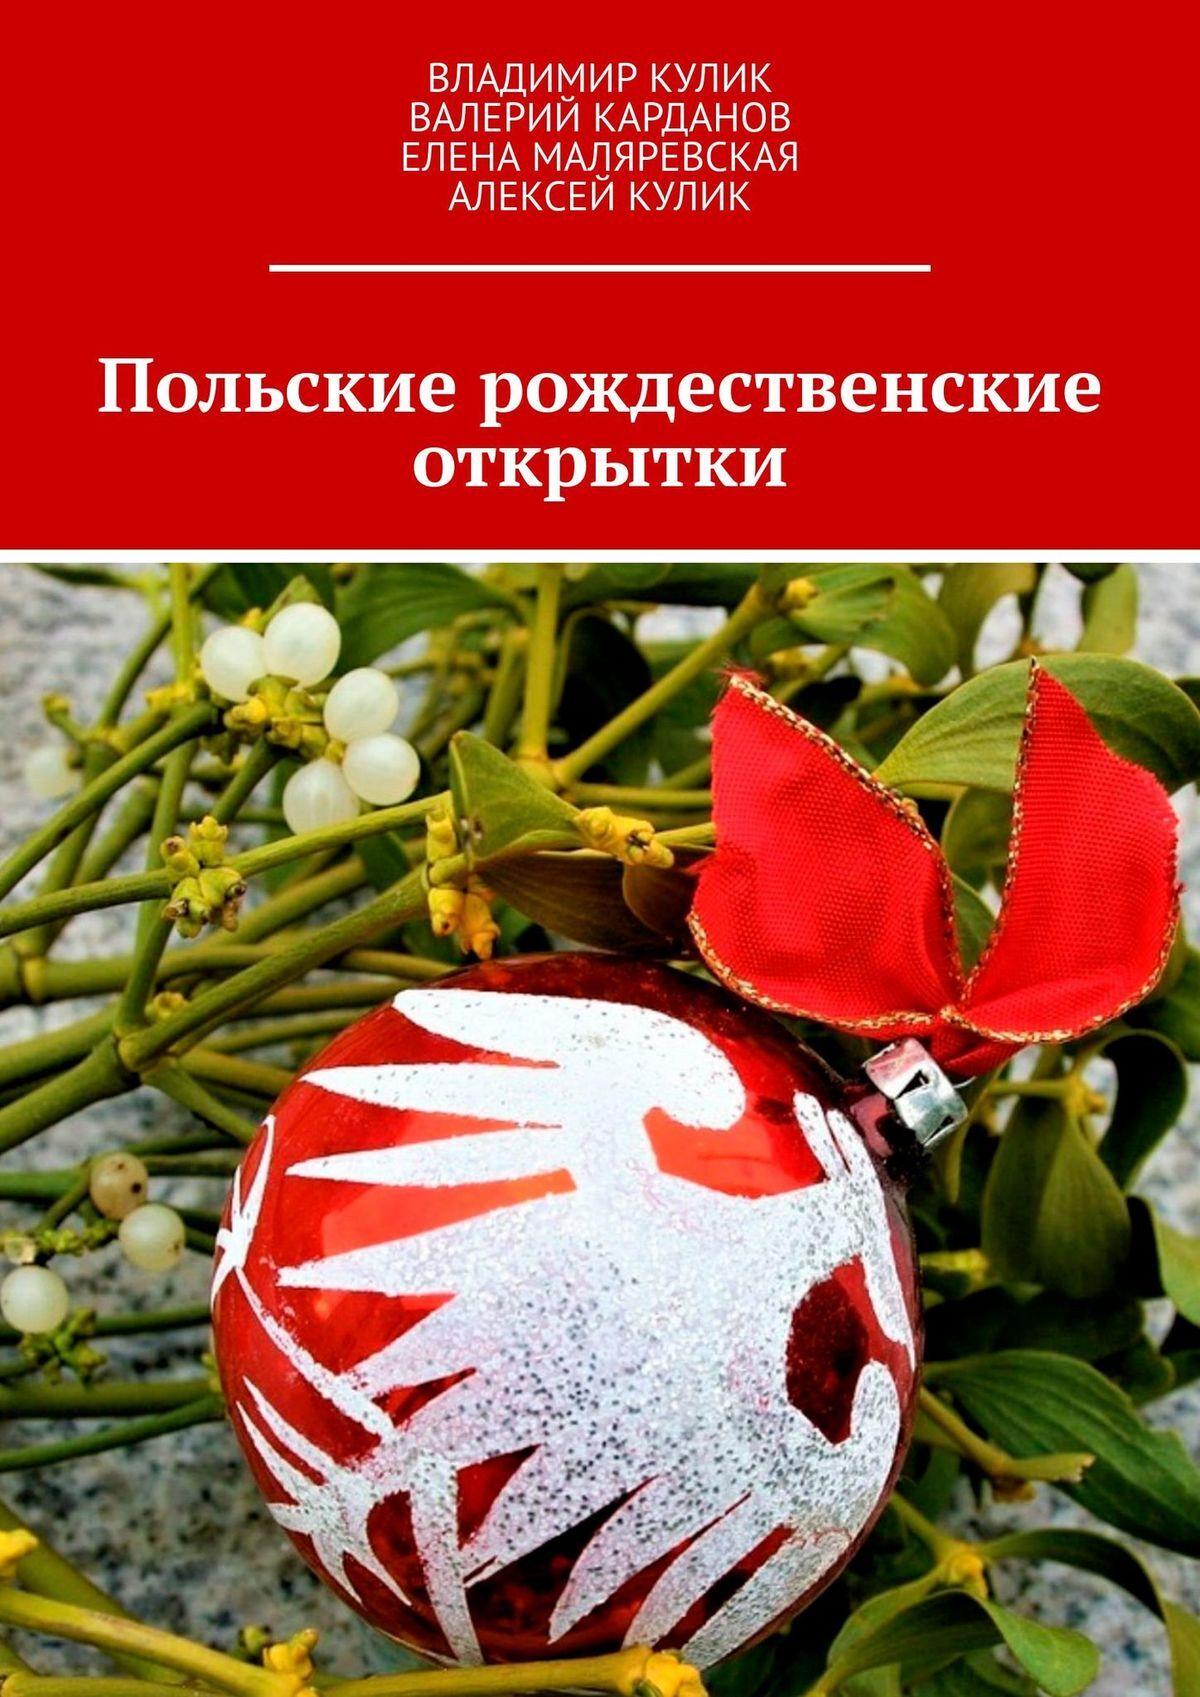 Купить книгу Польские рождественские открытки, автора Алексея Кулика